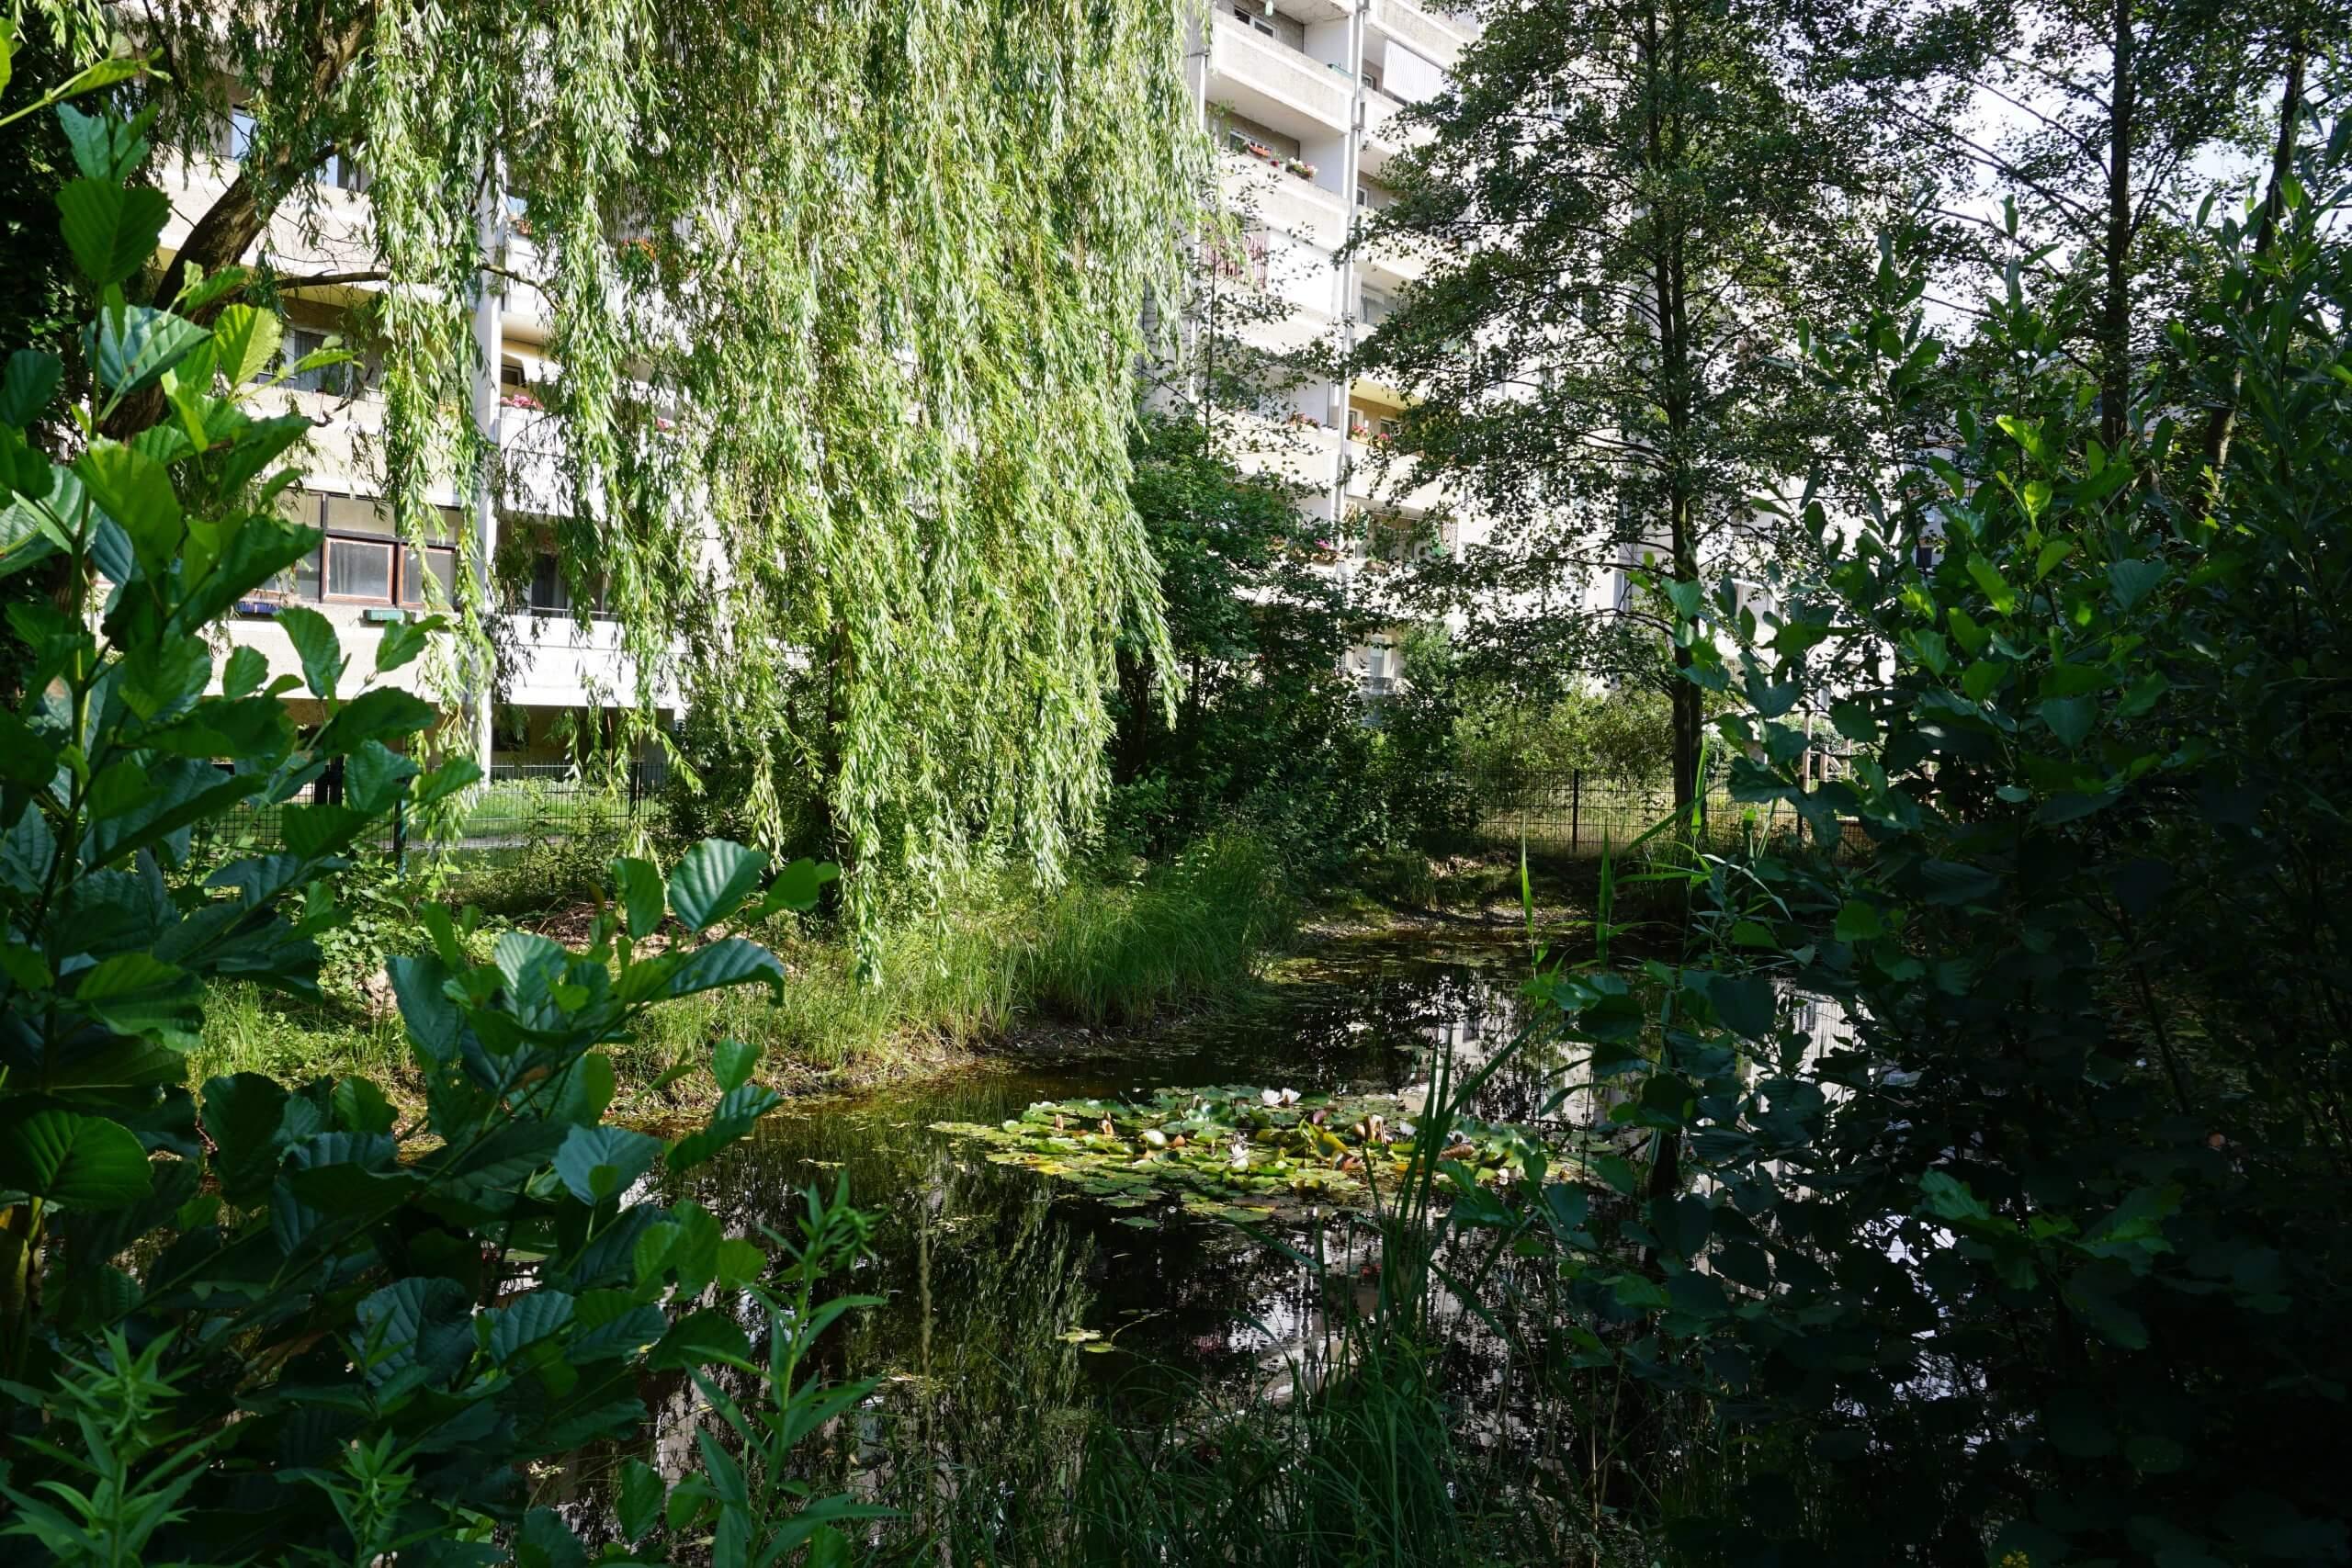 Das Bild zeigt den Teich im zentralen Kosmosviertel mit Seerosen, einer Trauerweide und Schwarz-Erlen.